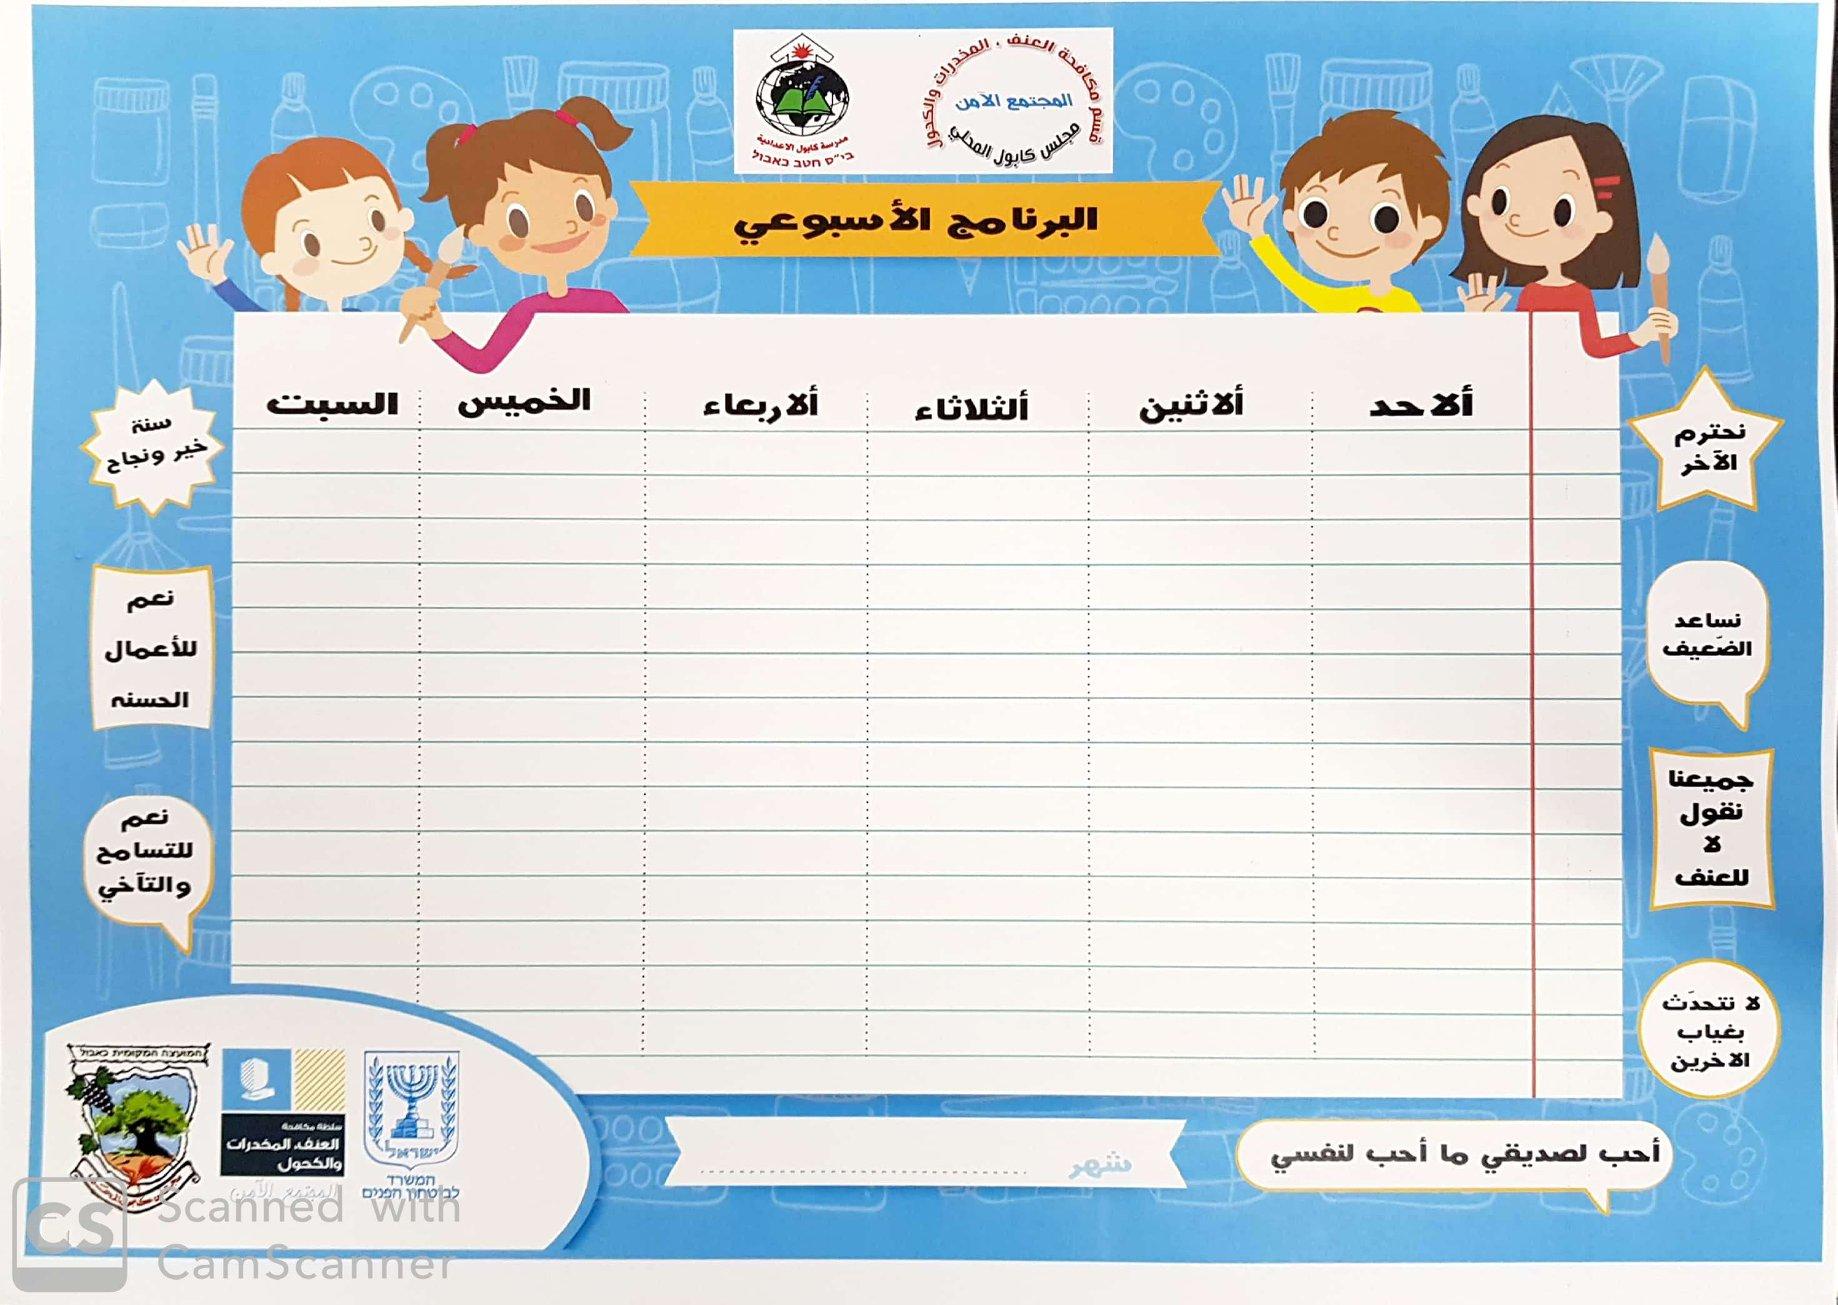 نشر لافتات تحمل شعارات تدعو لسنة دراسية ناجحة وآمنة